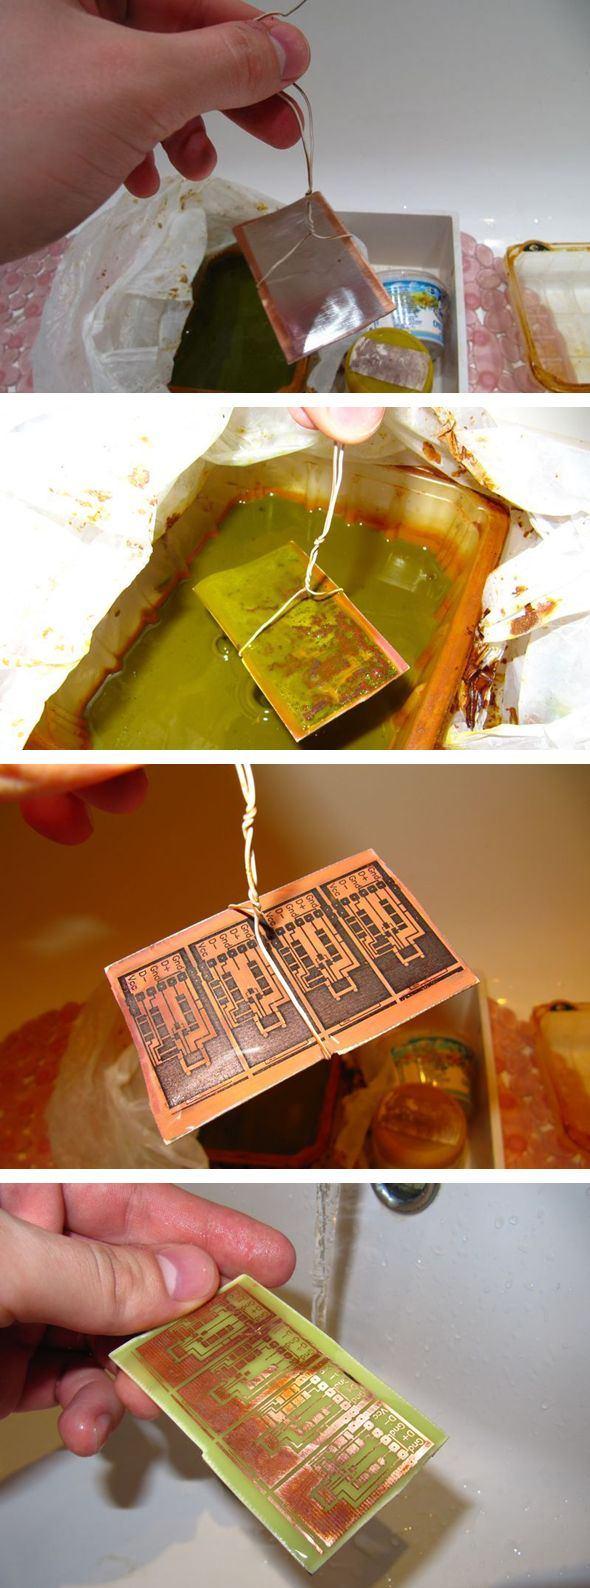 4-aluminyum-folyo-pcb-aluminum-foil-toner-printed-circuit-board-pcb-